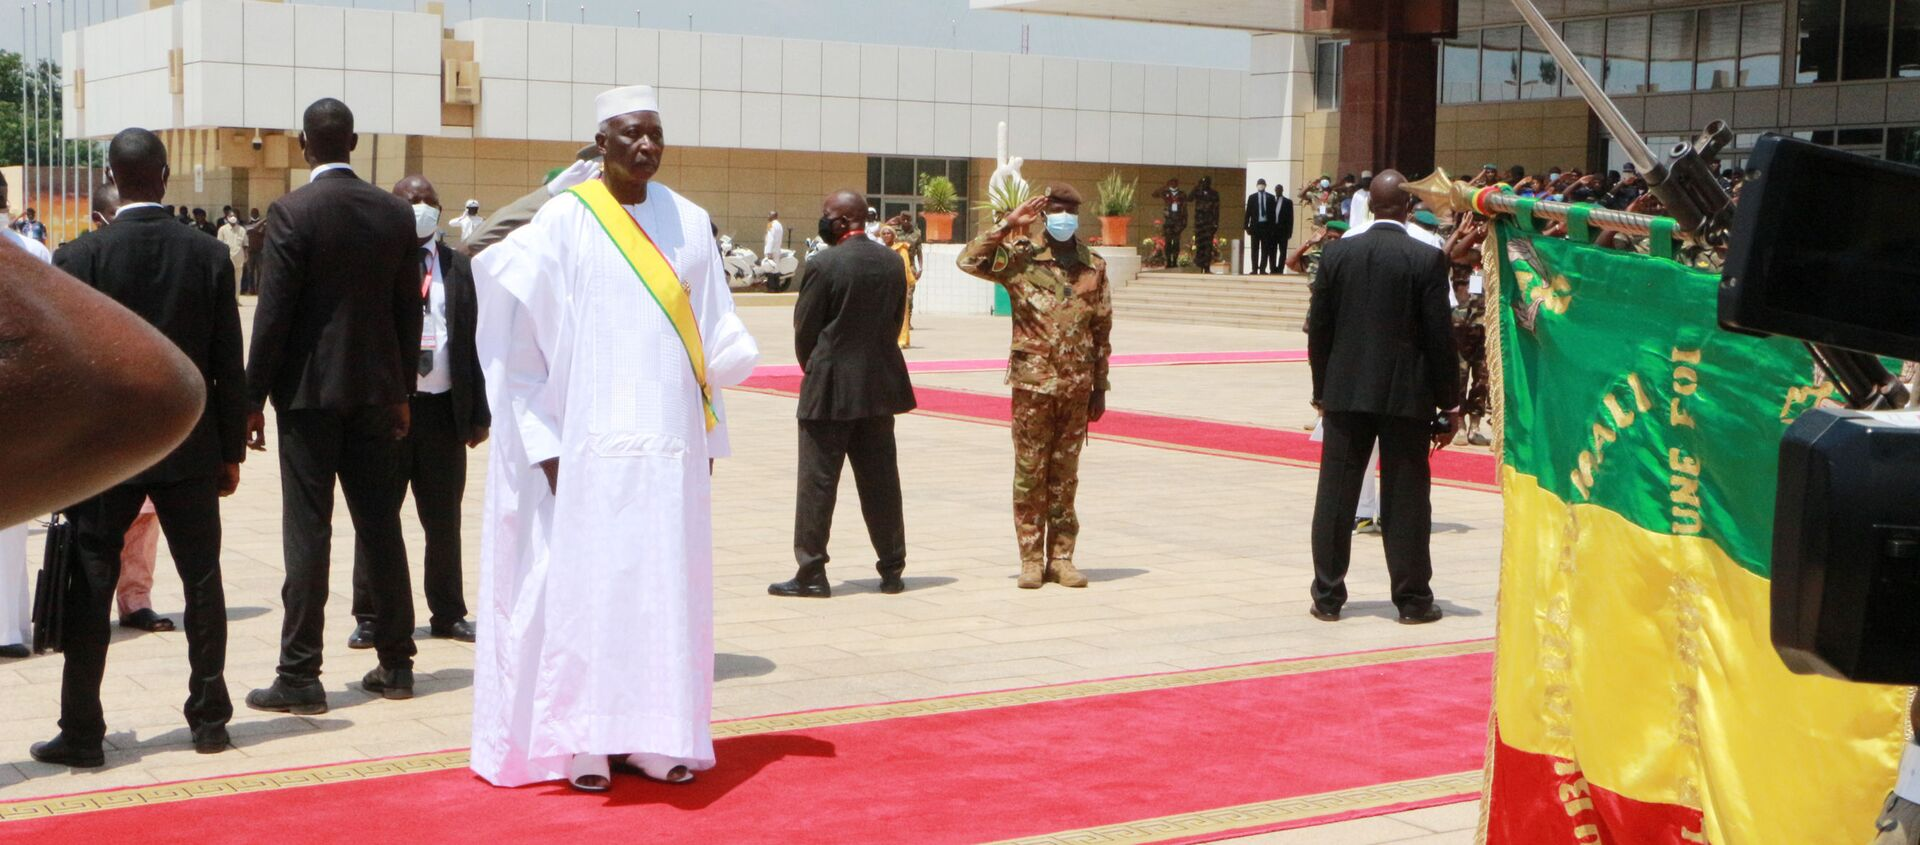 Investiture du Président de la transition, Bah N'Daw, le 25 septembre 2020, à Bamako  - Sputnik France, 1920, 25.05.2021